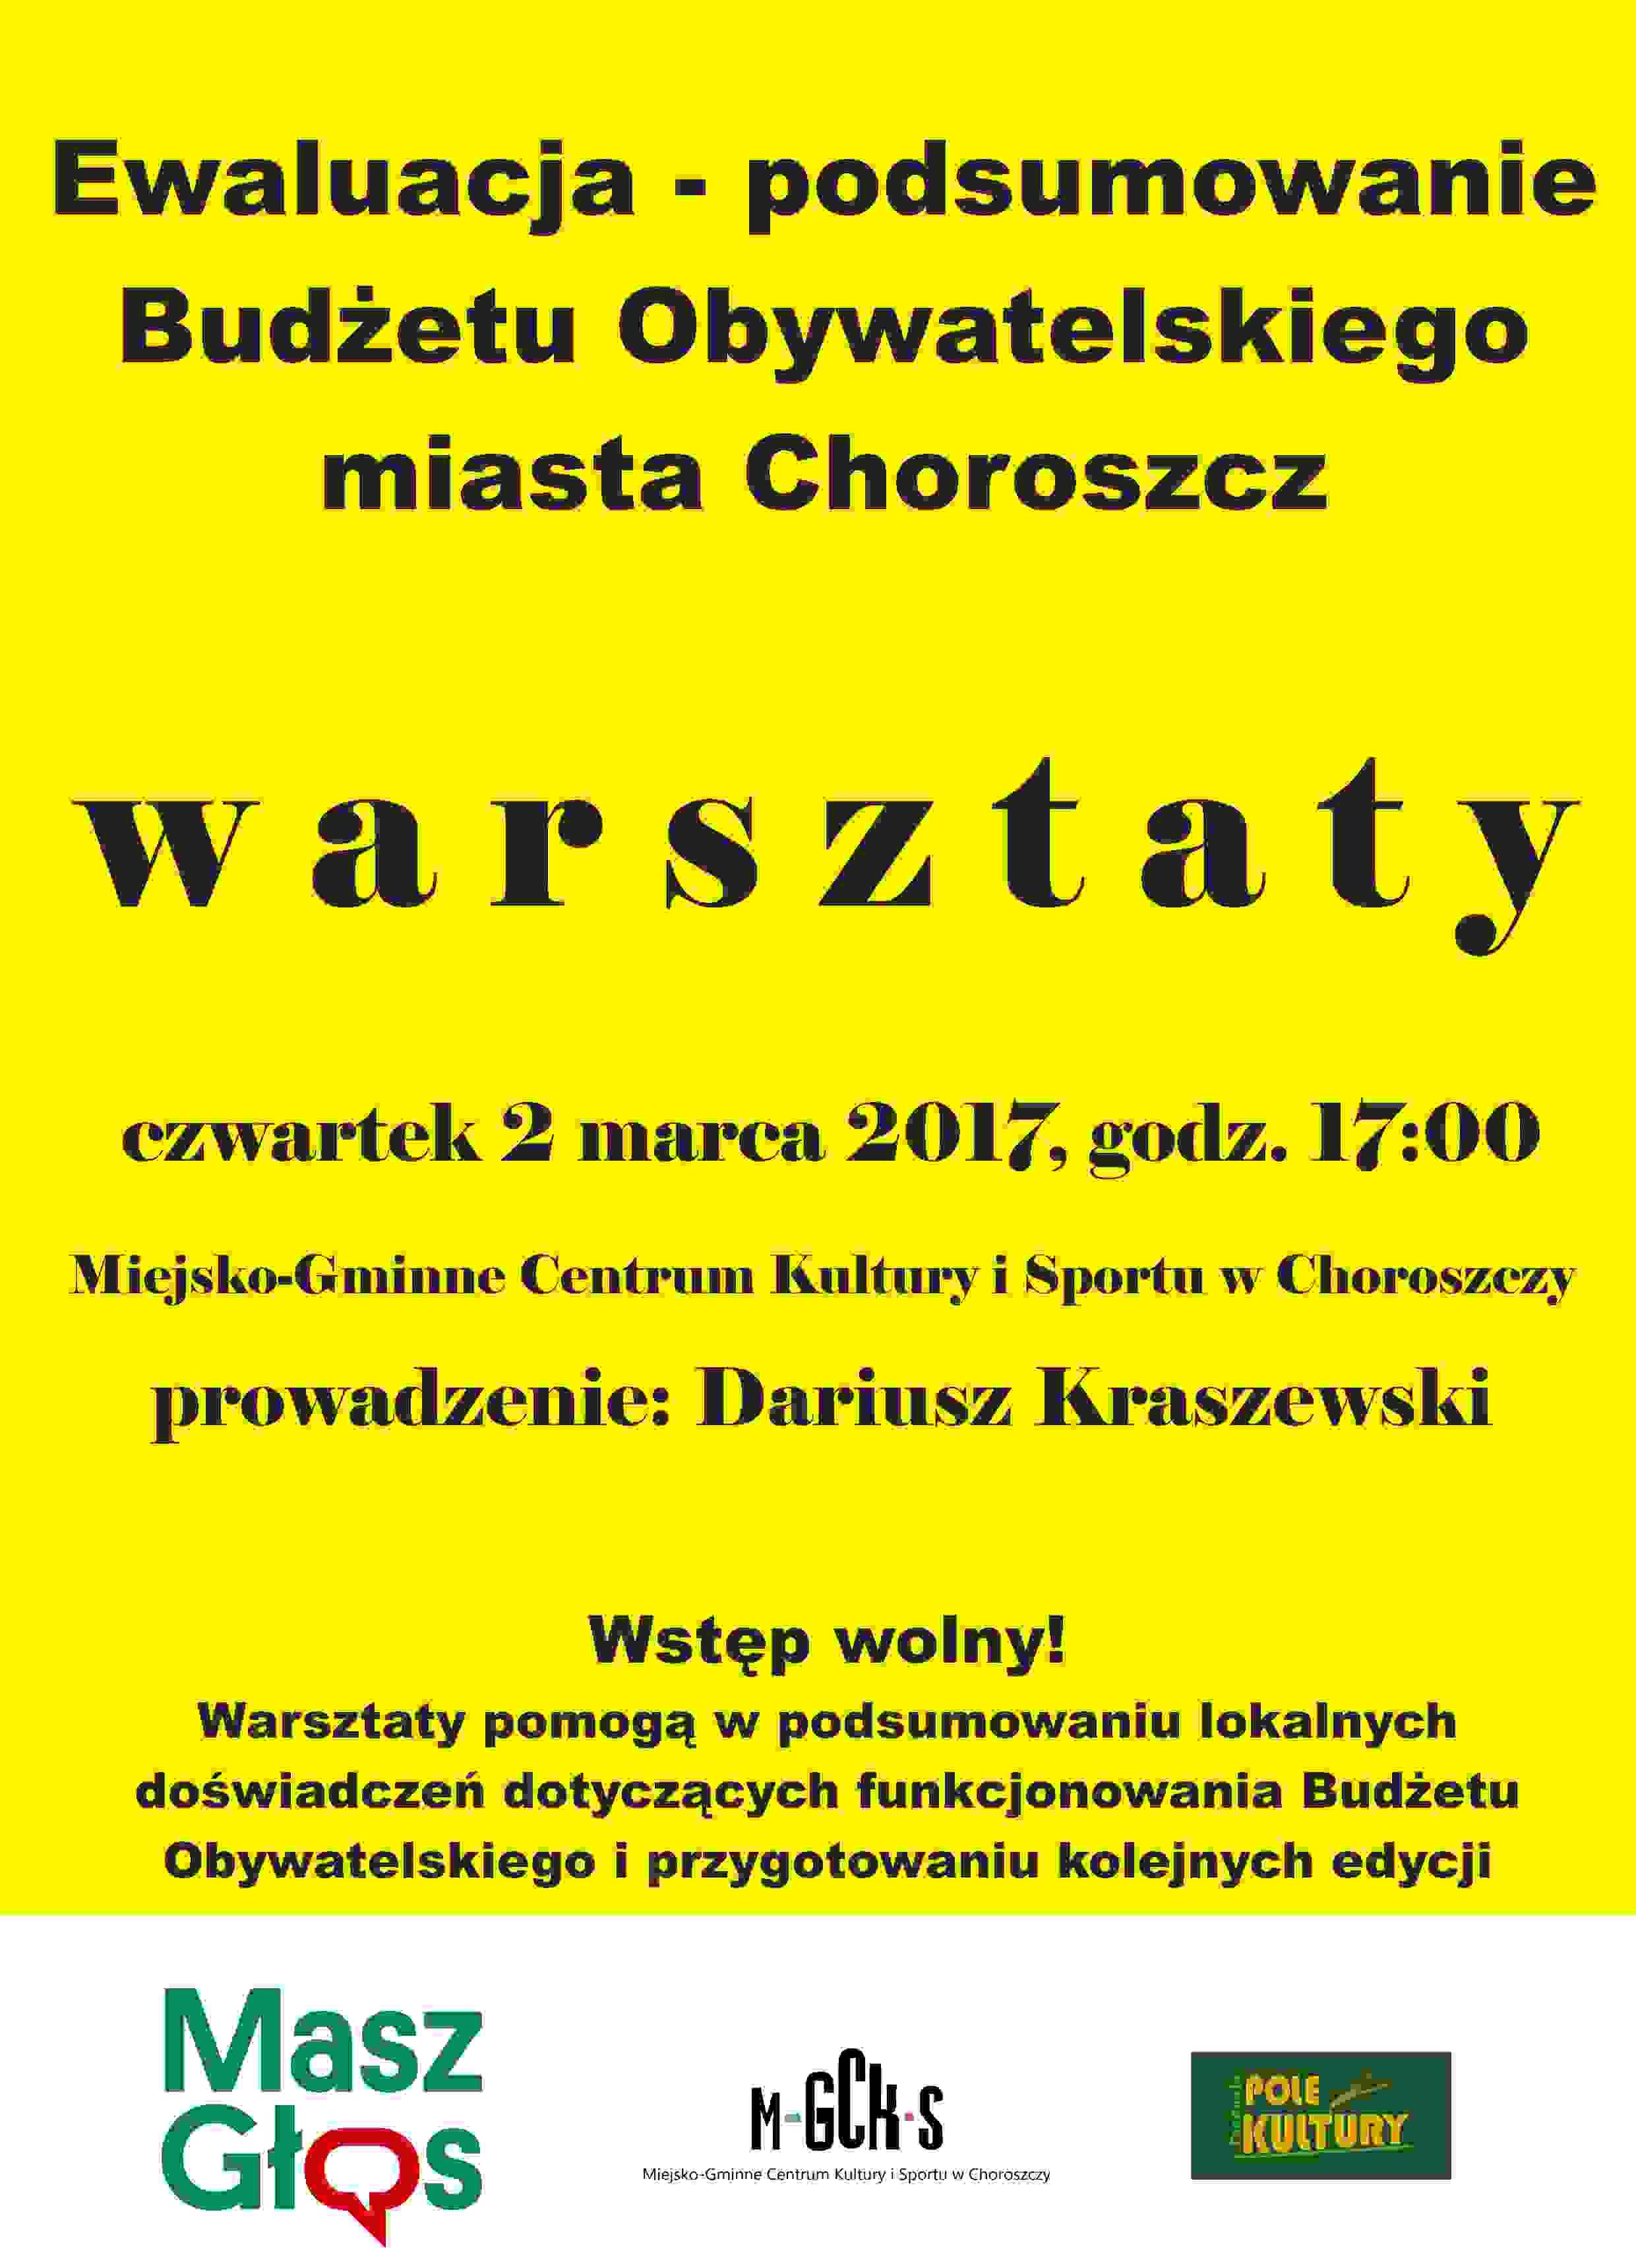 plakat masz głos 2 marca 2016